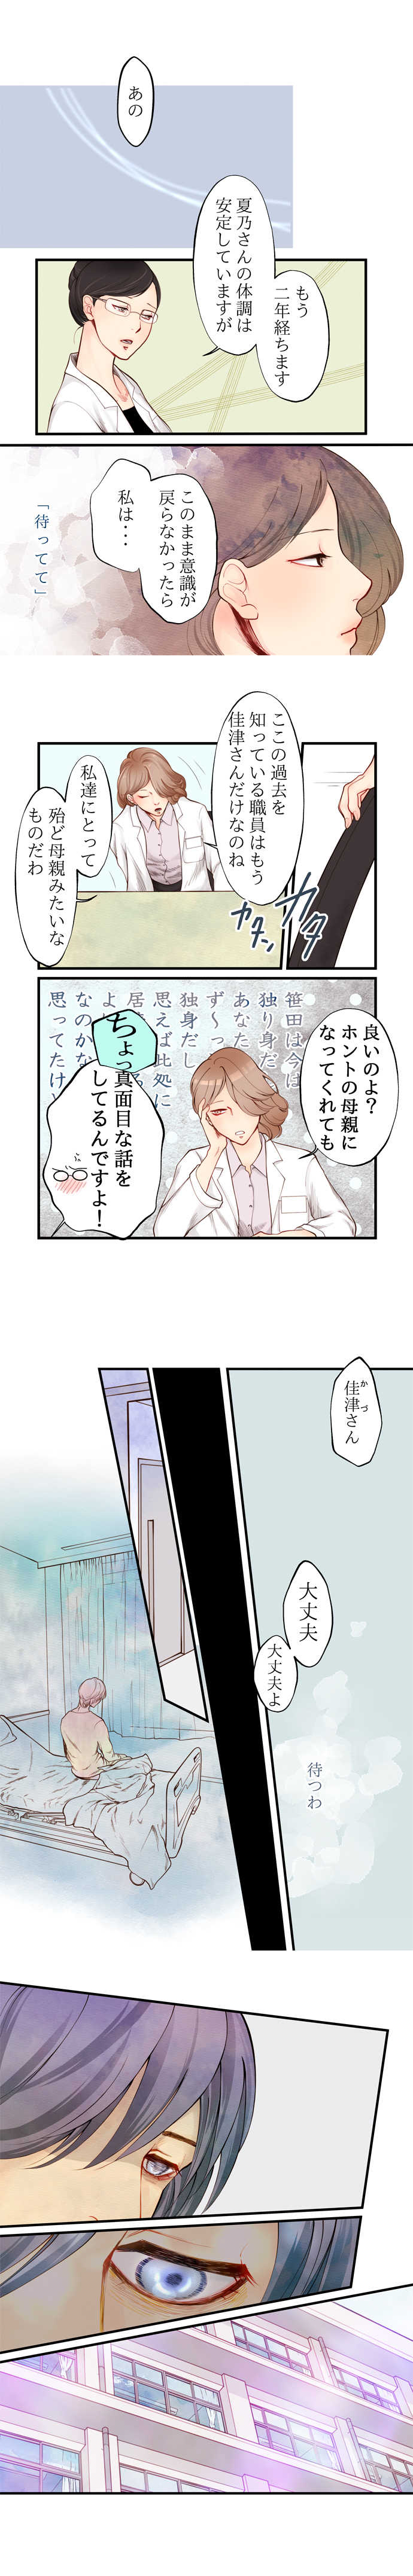 20.ストロベリーフィルド/時系列概略